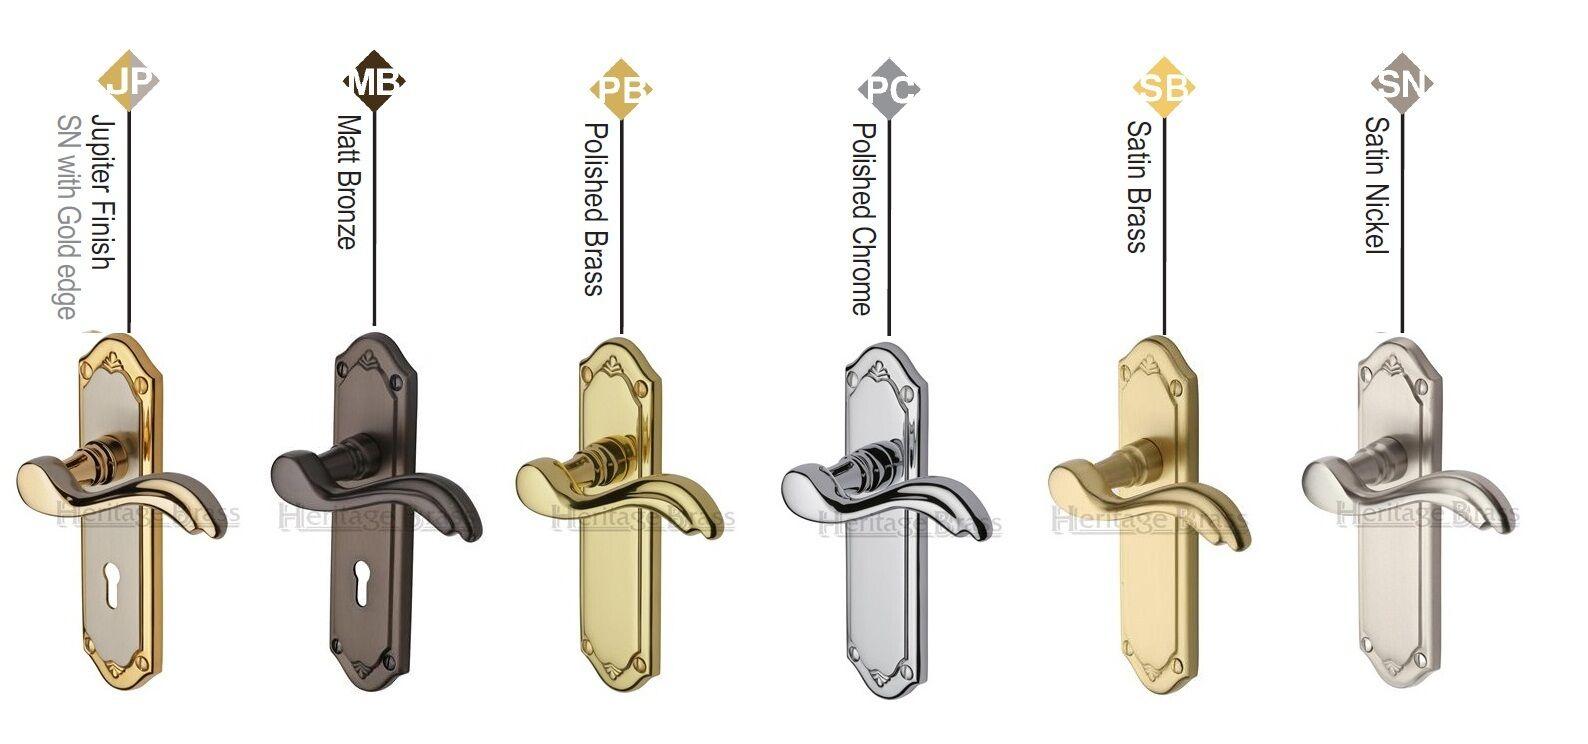 Heritage Brass - MM99 -  Lisboa Design Door Handle - 175mm x 48mm x 11mm